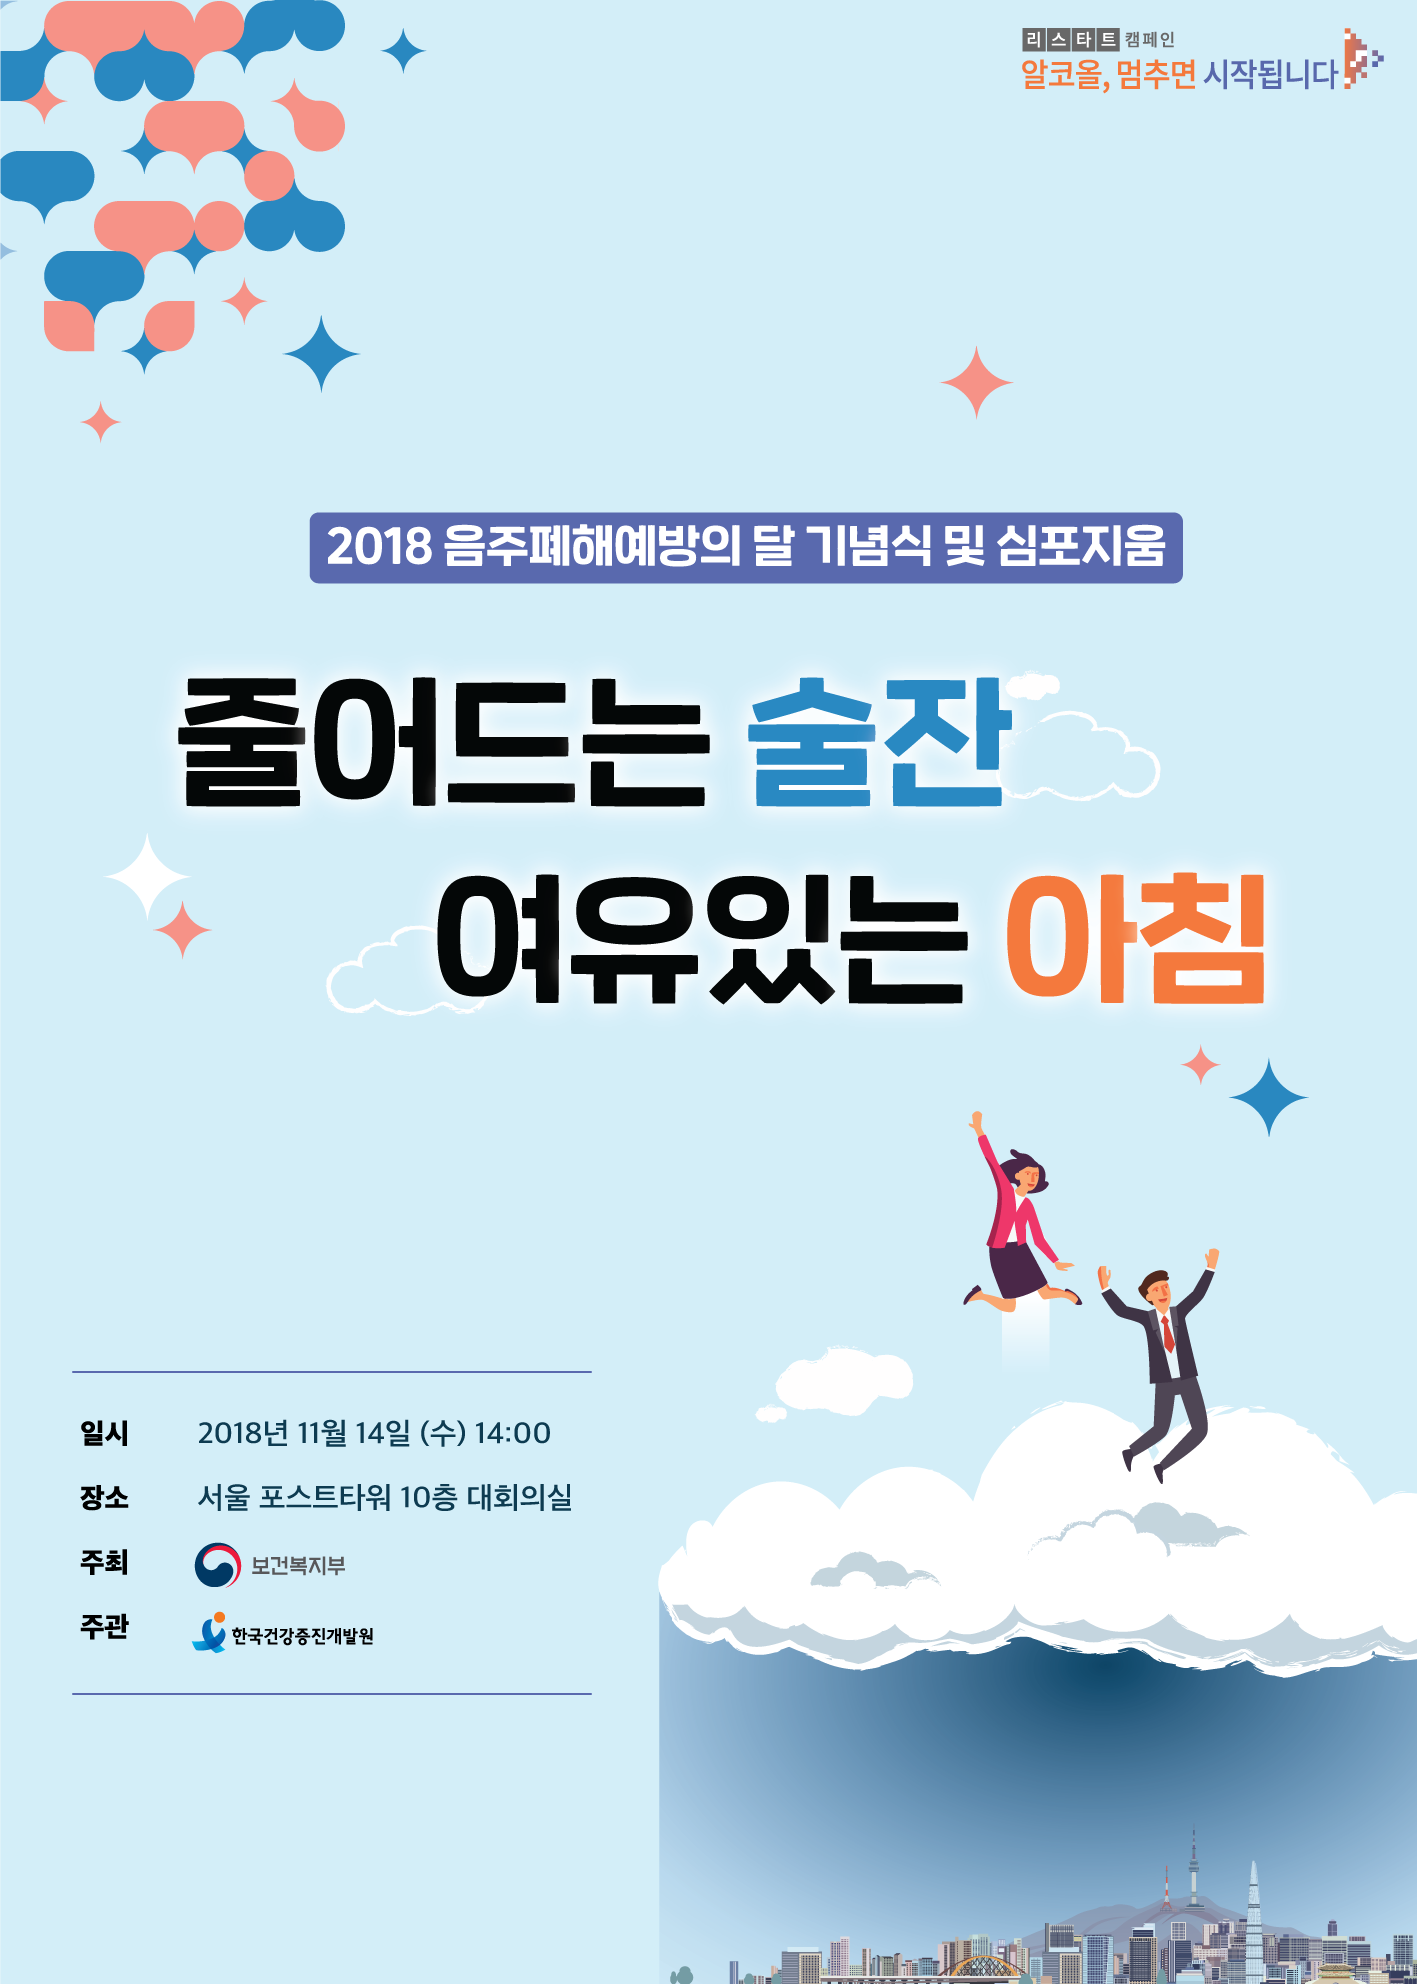 음주폐해예방의_달_기념식_포스터_최종안.png